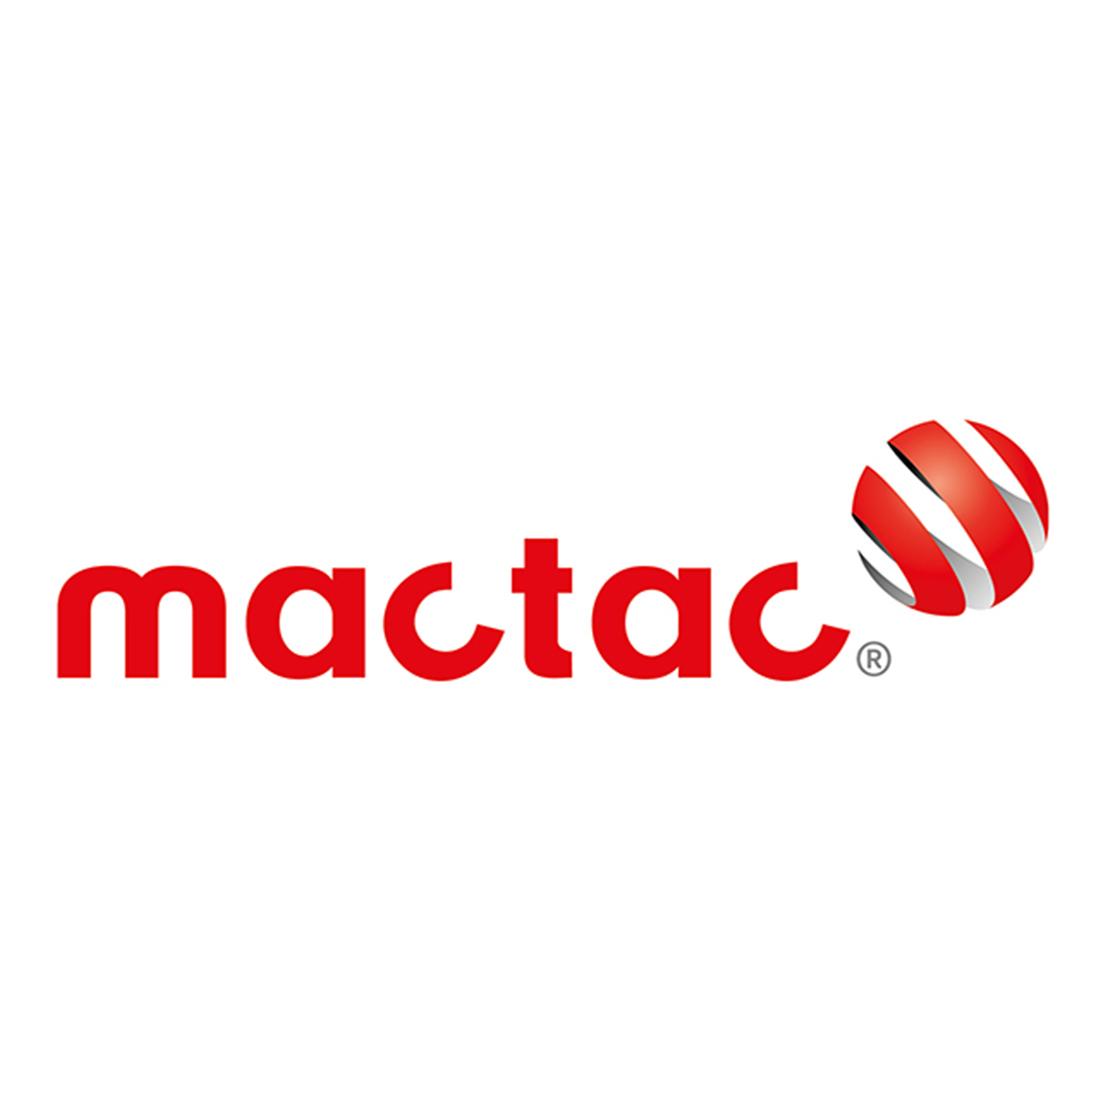 Mactac IMAGin JT 5826 P